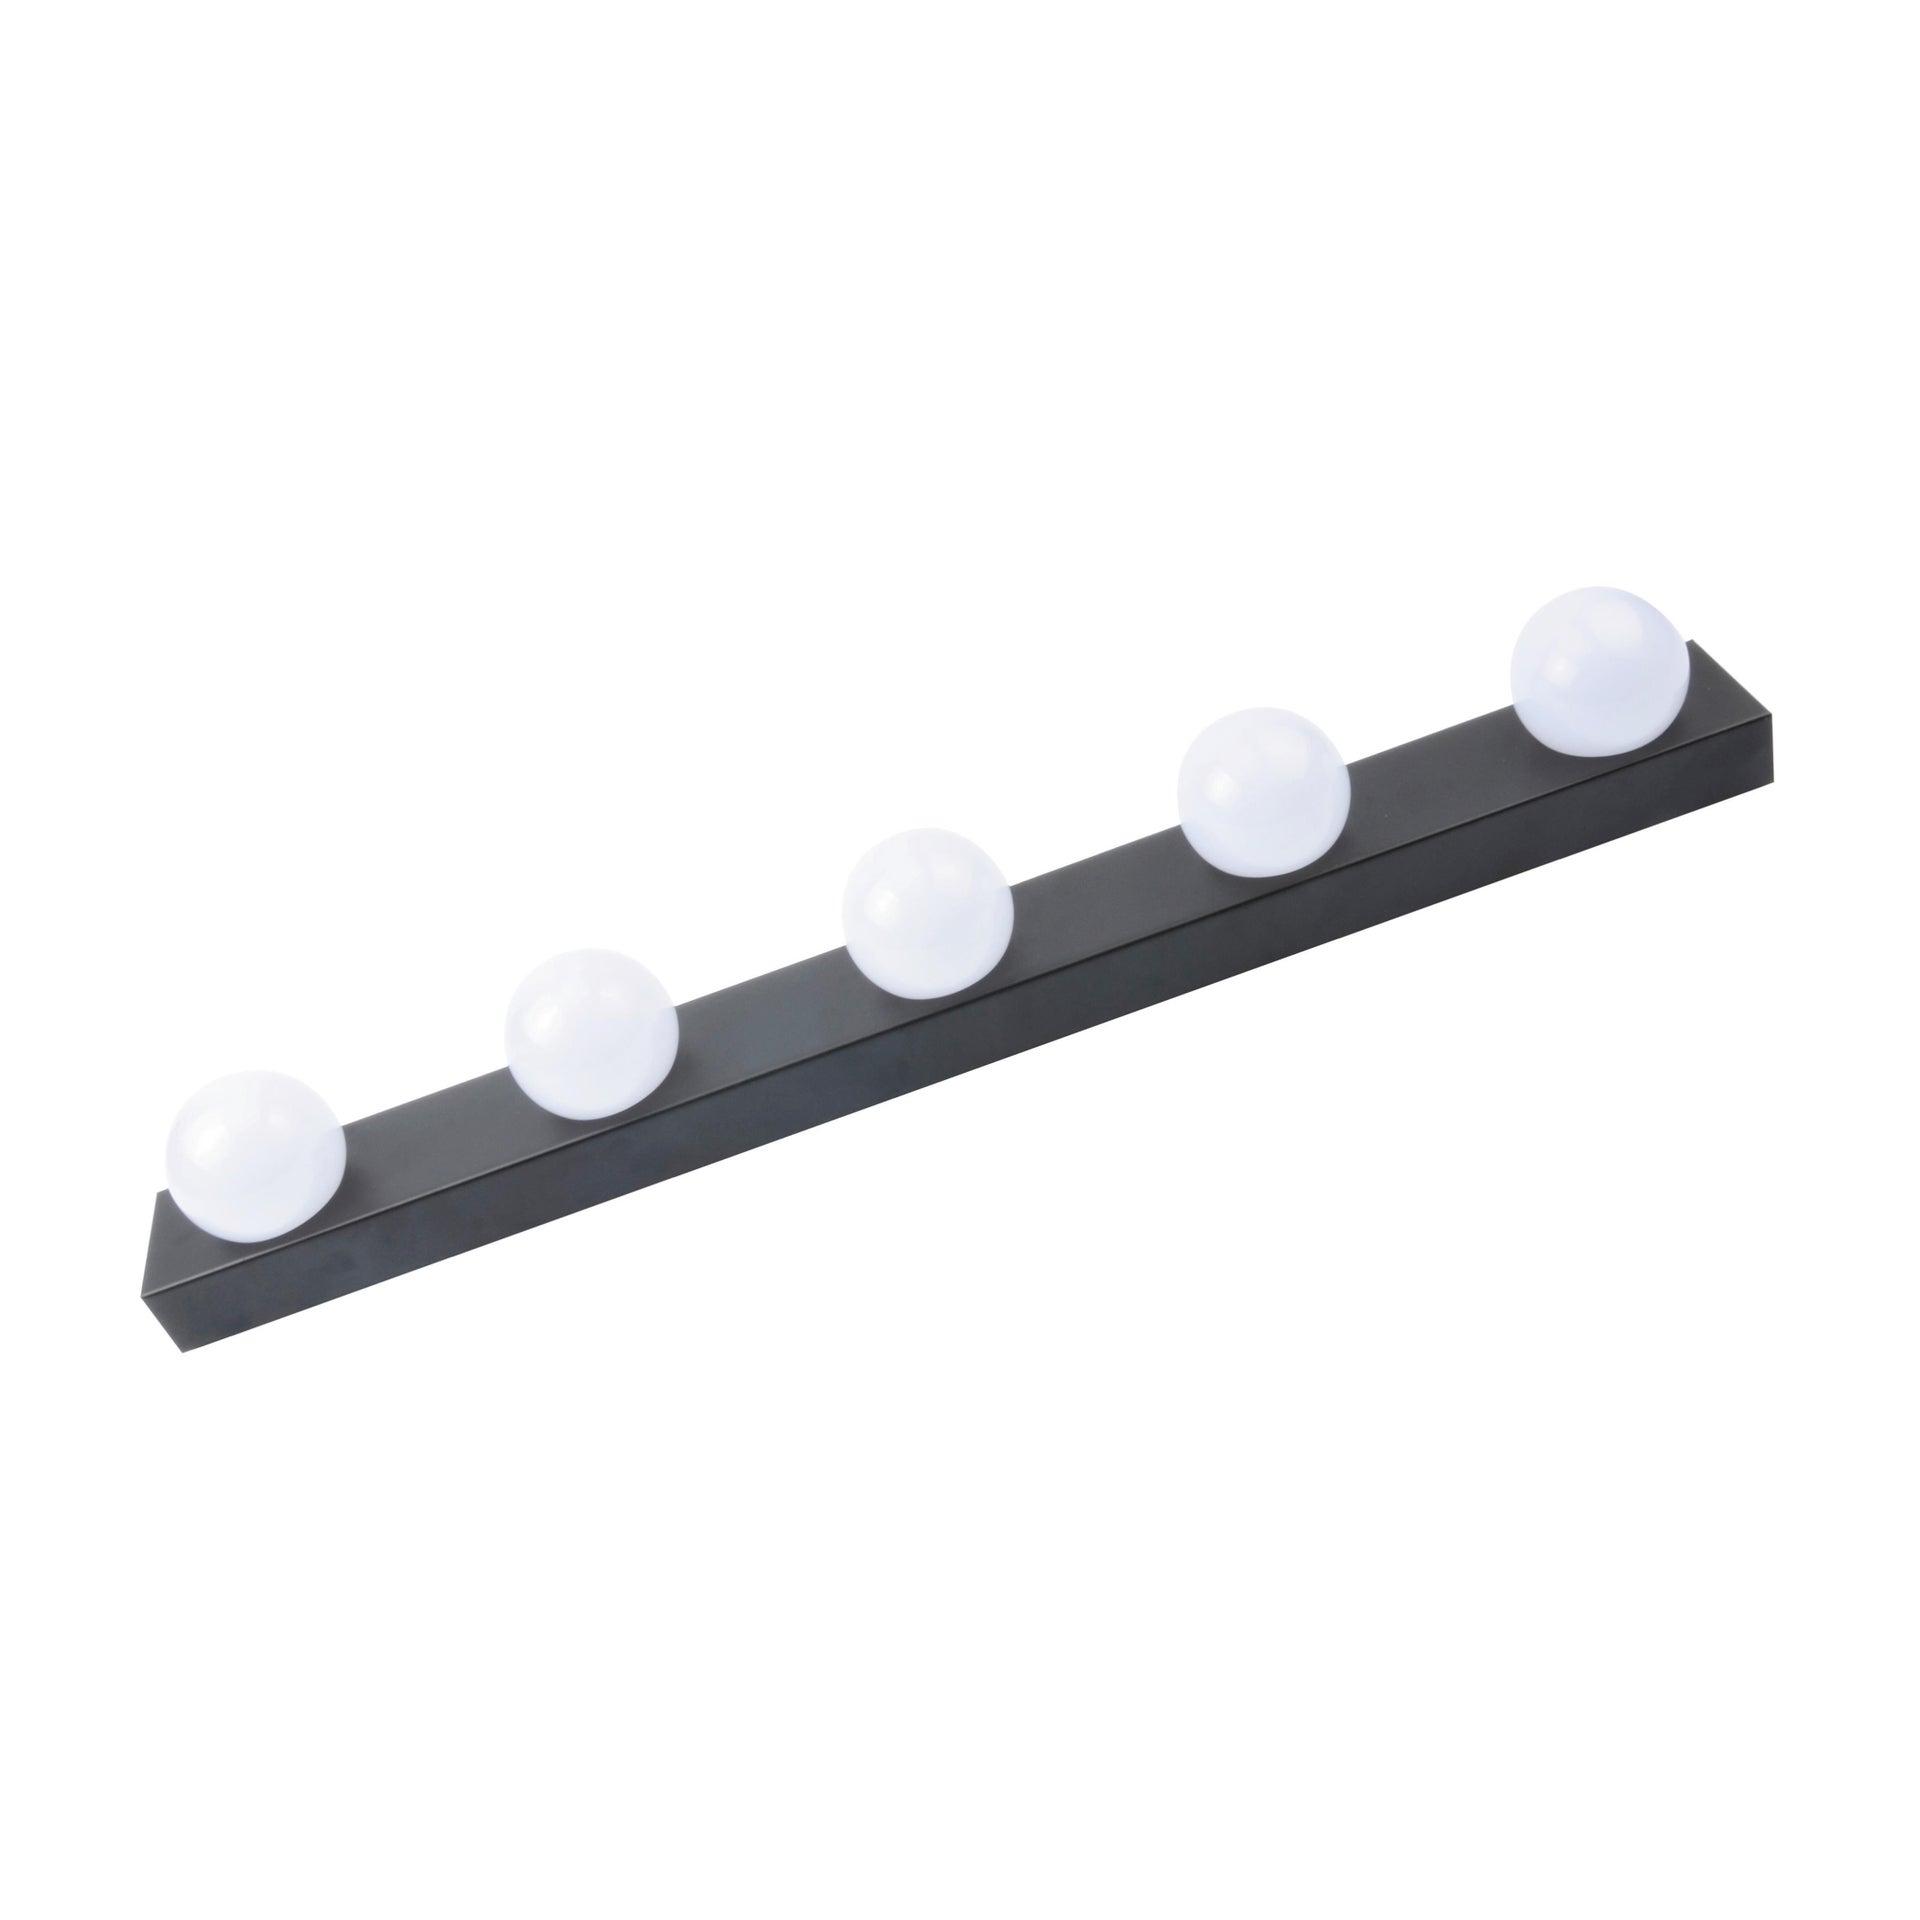 Applique moderno Smila LED integrato nero, in metallo, 60x60 cm, 5 luci INSPIRE - 9